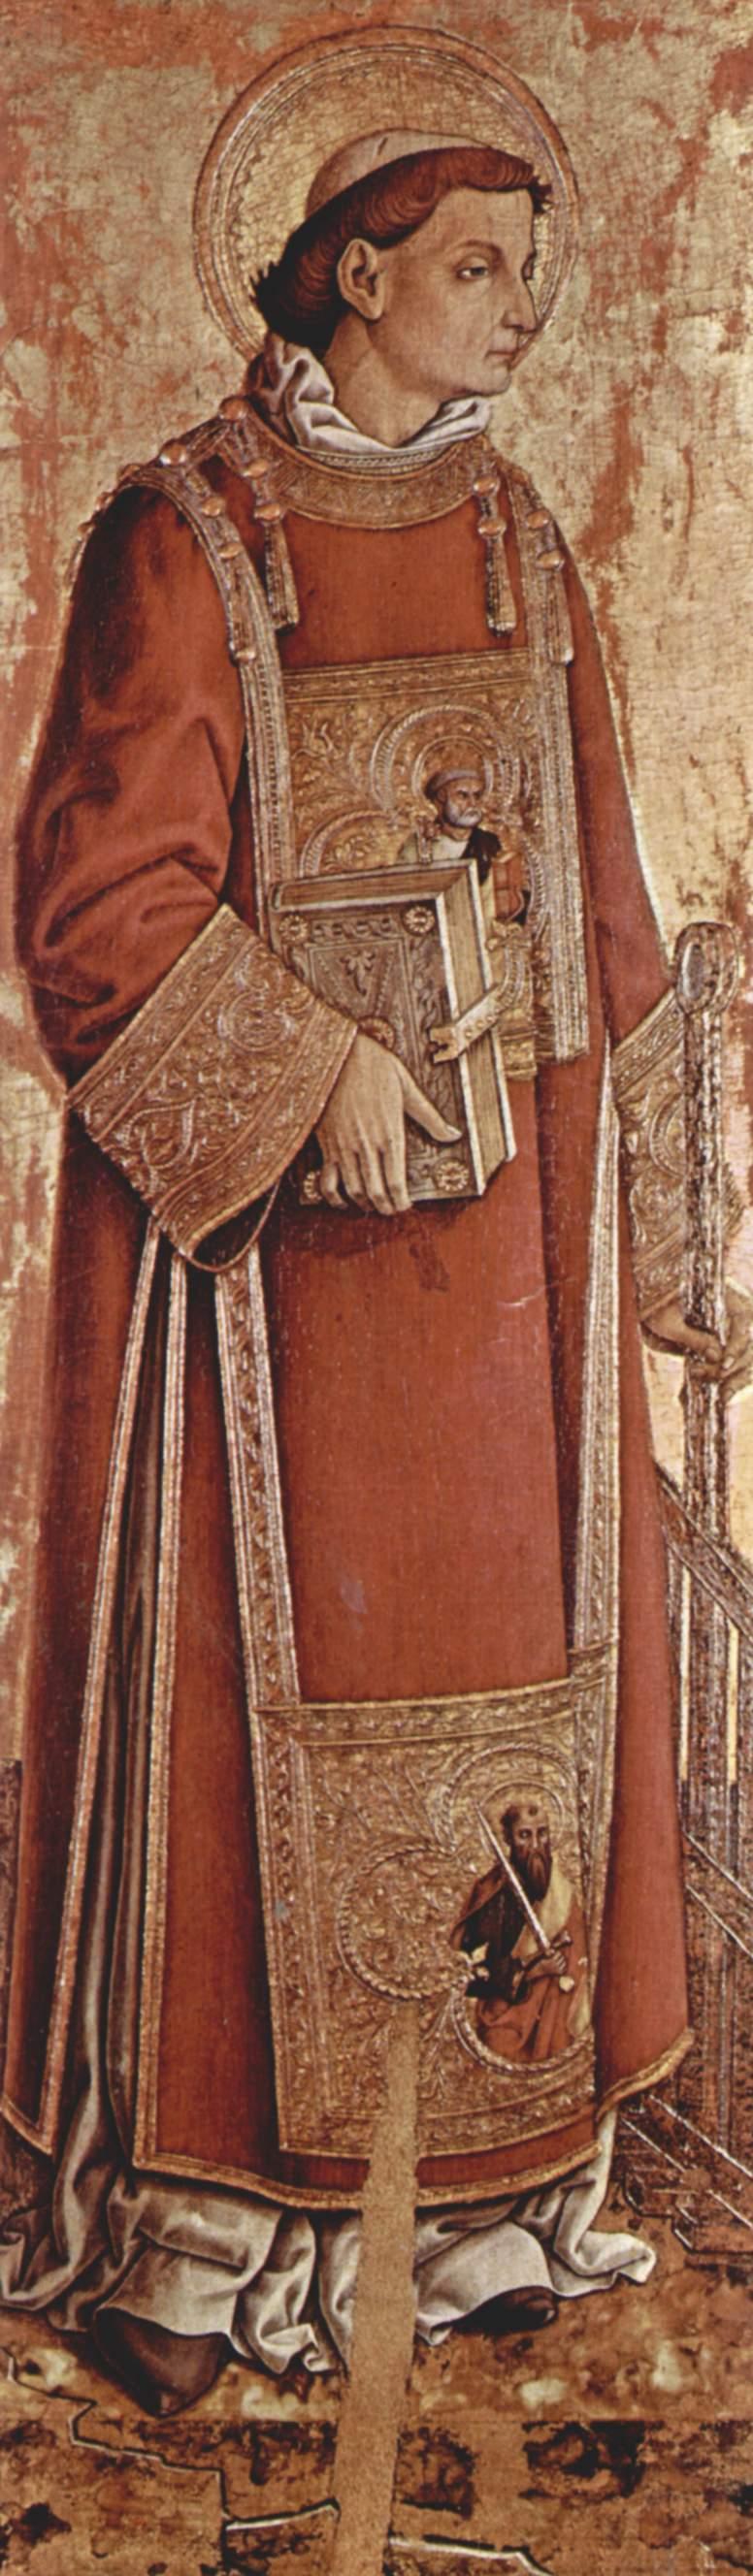 Алтарь из церкви Сан Сильвестро в Масса Фермана внутренняя левая доска  св. Лаврентий, Карло Кривелли